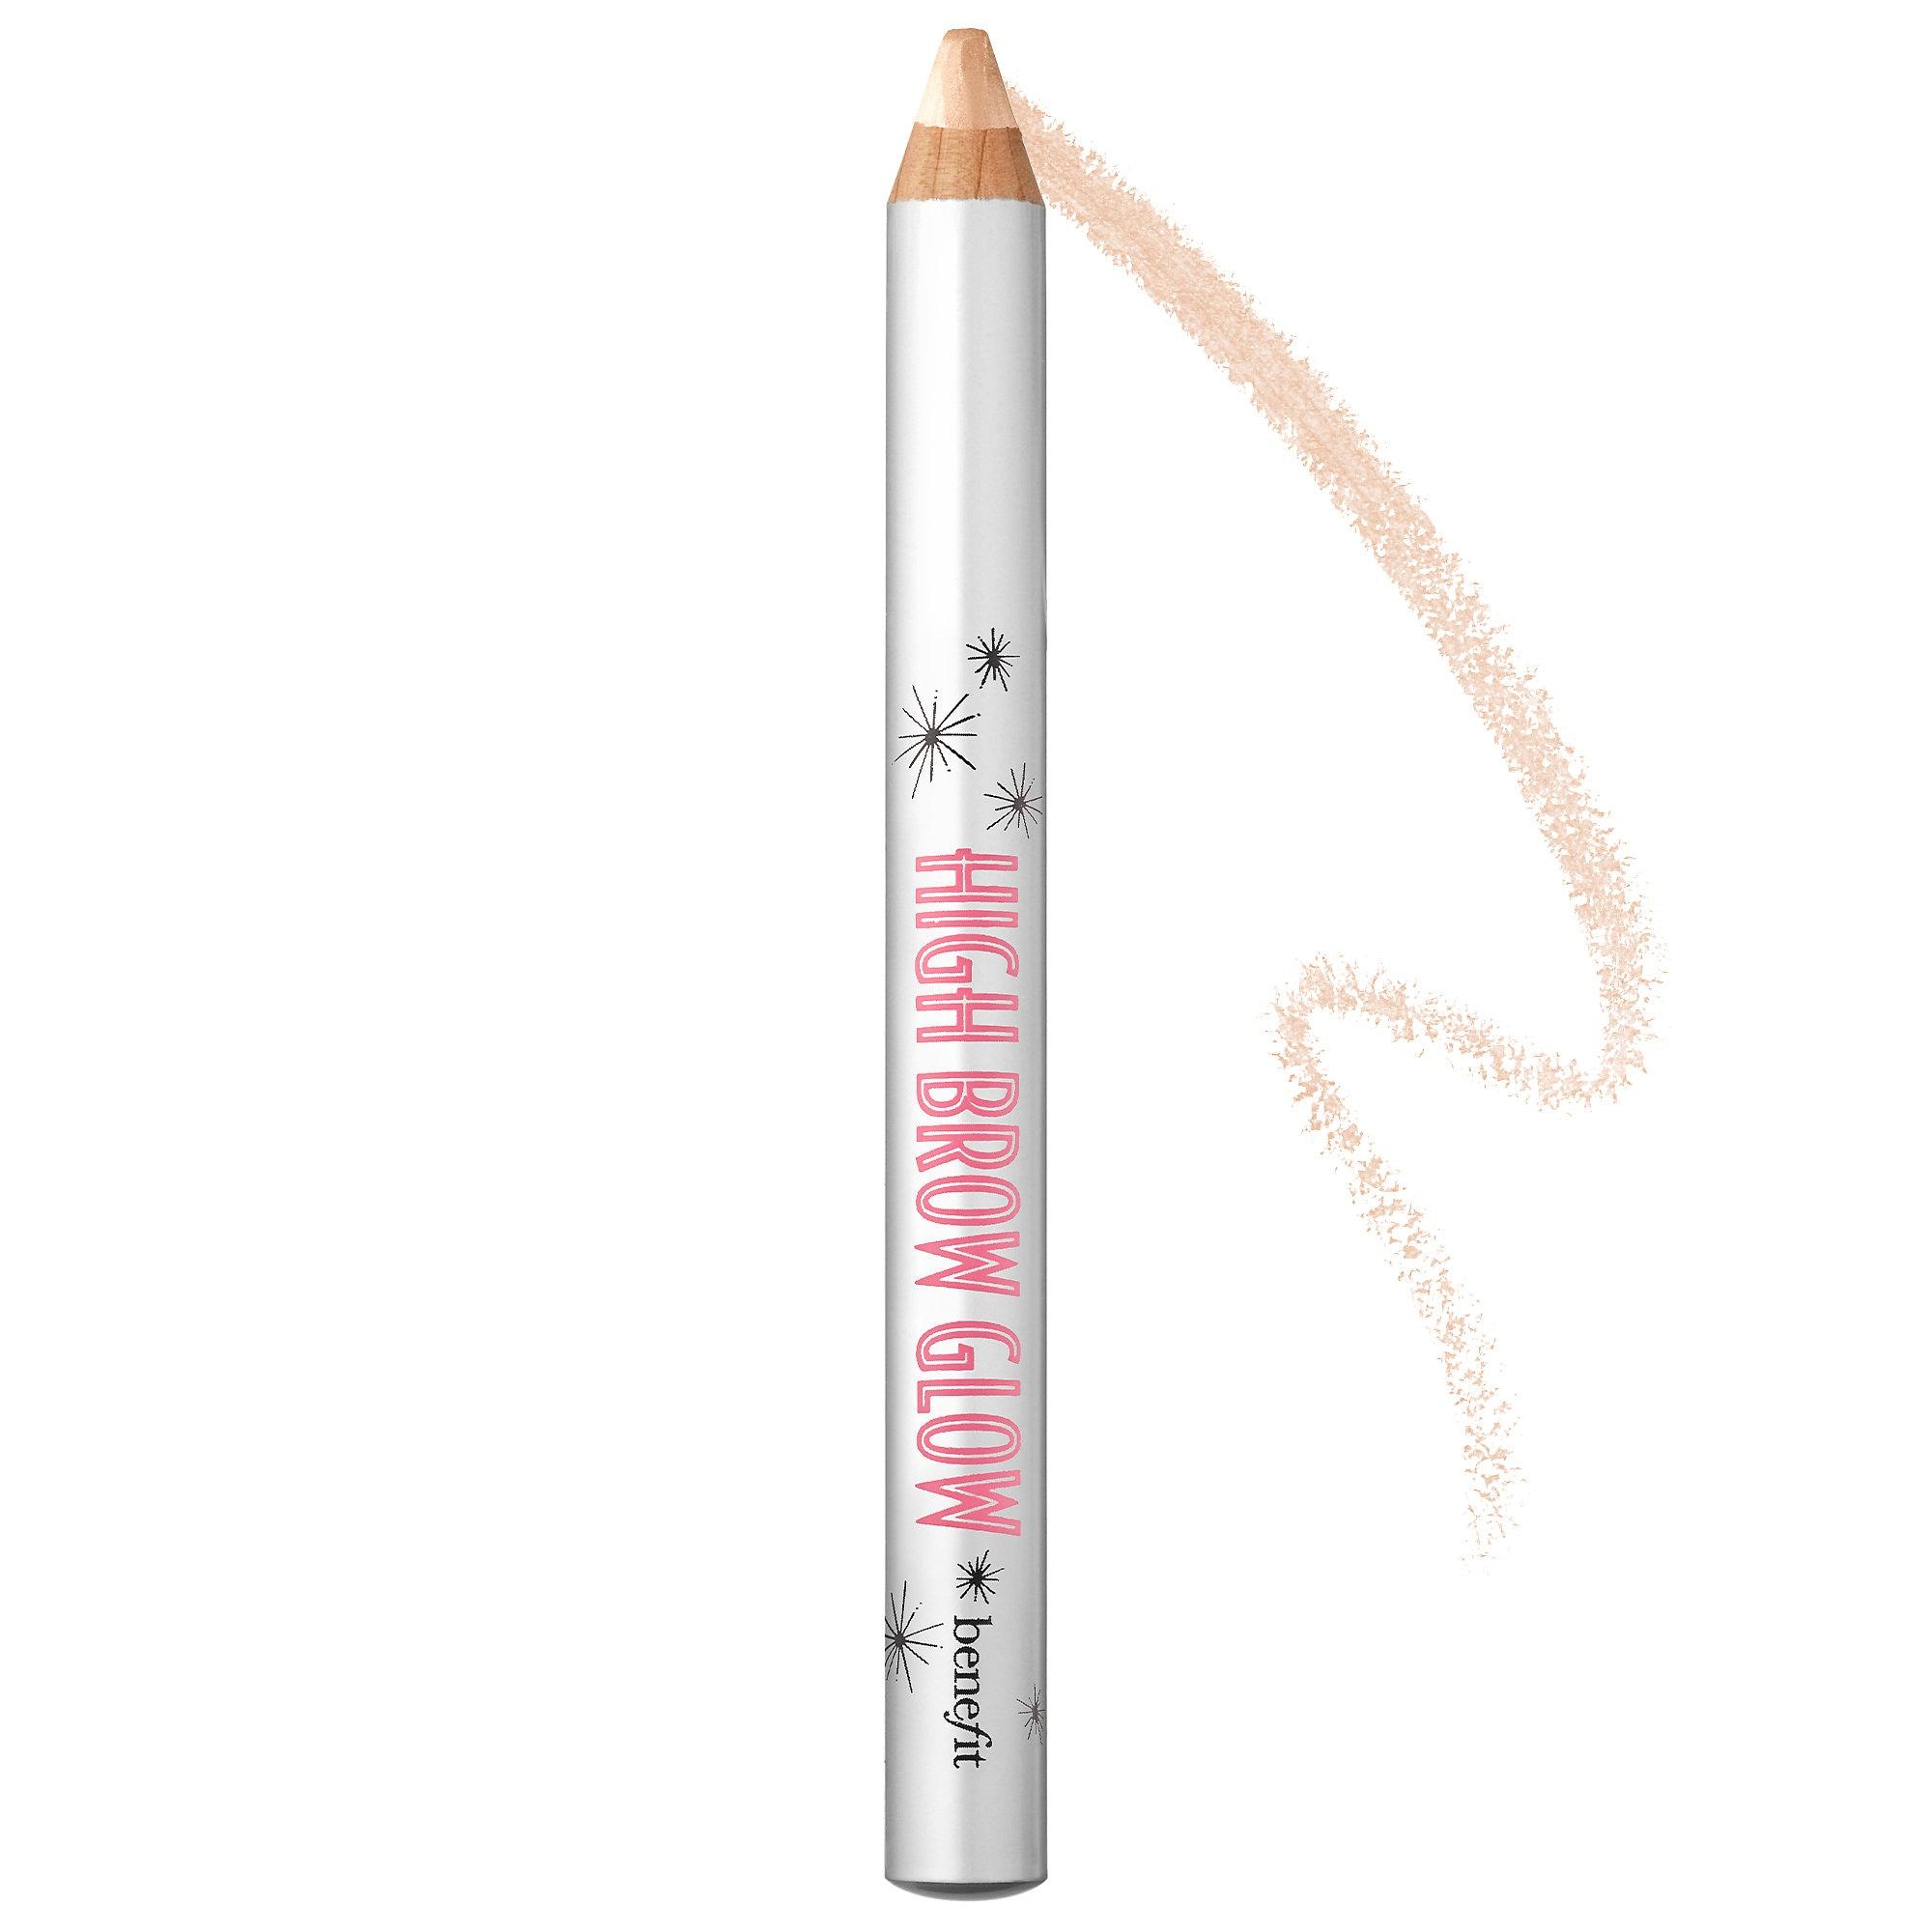 Benefit - High Brow Glow Luminous Highlight & Lift Pencil